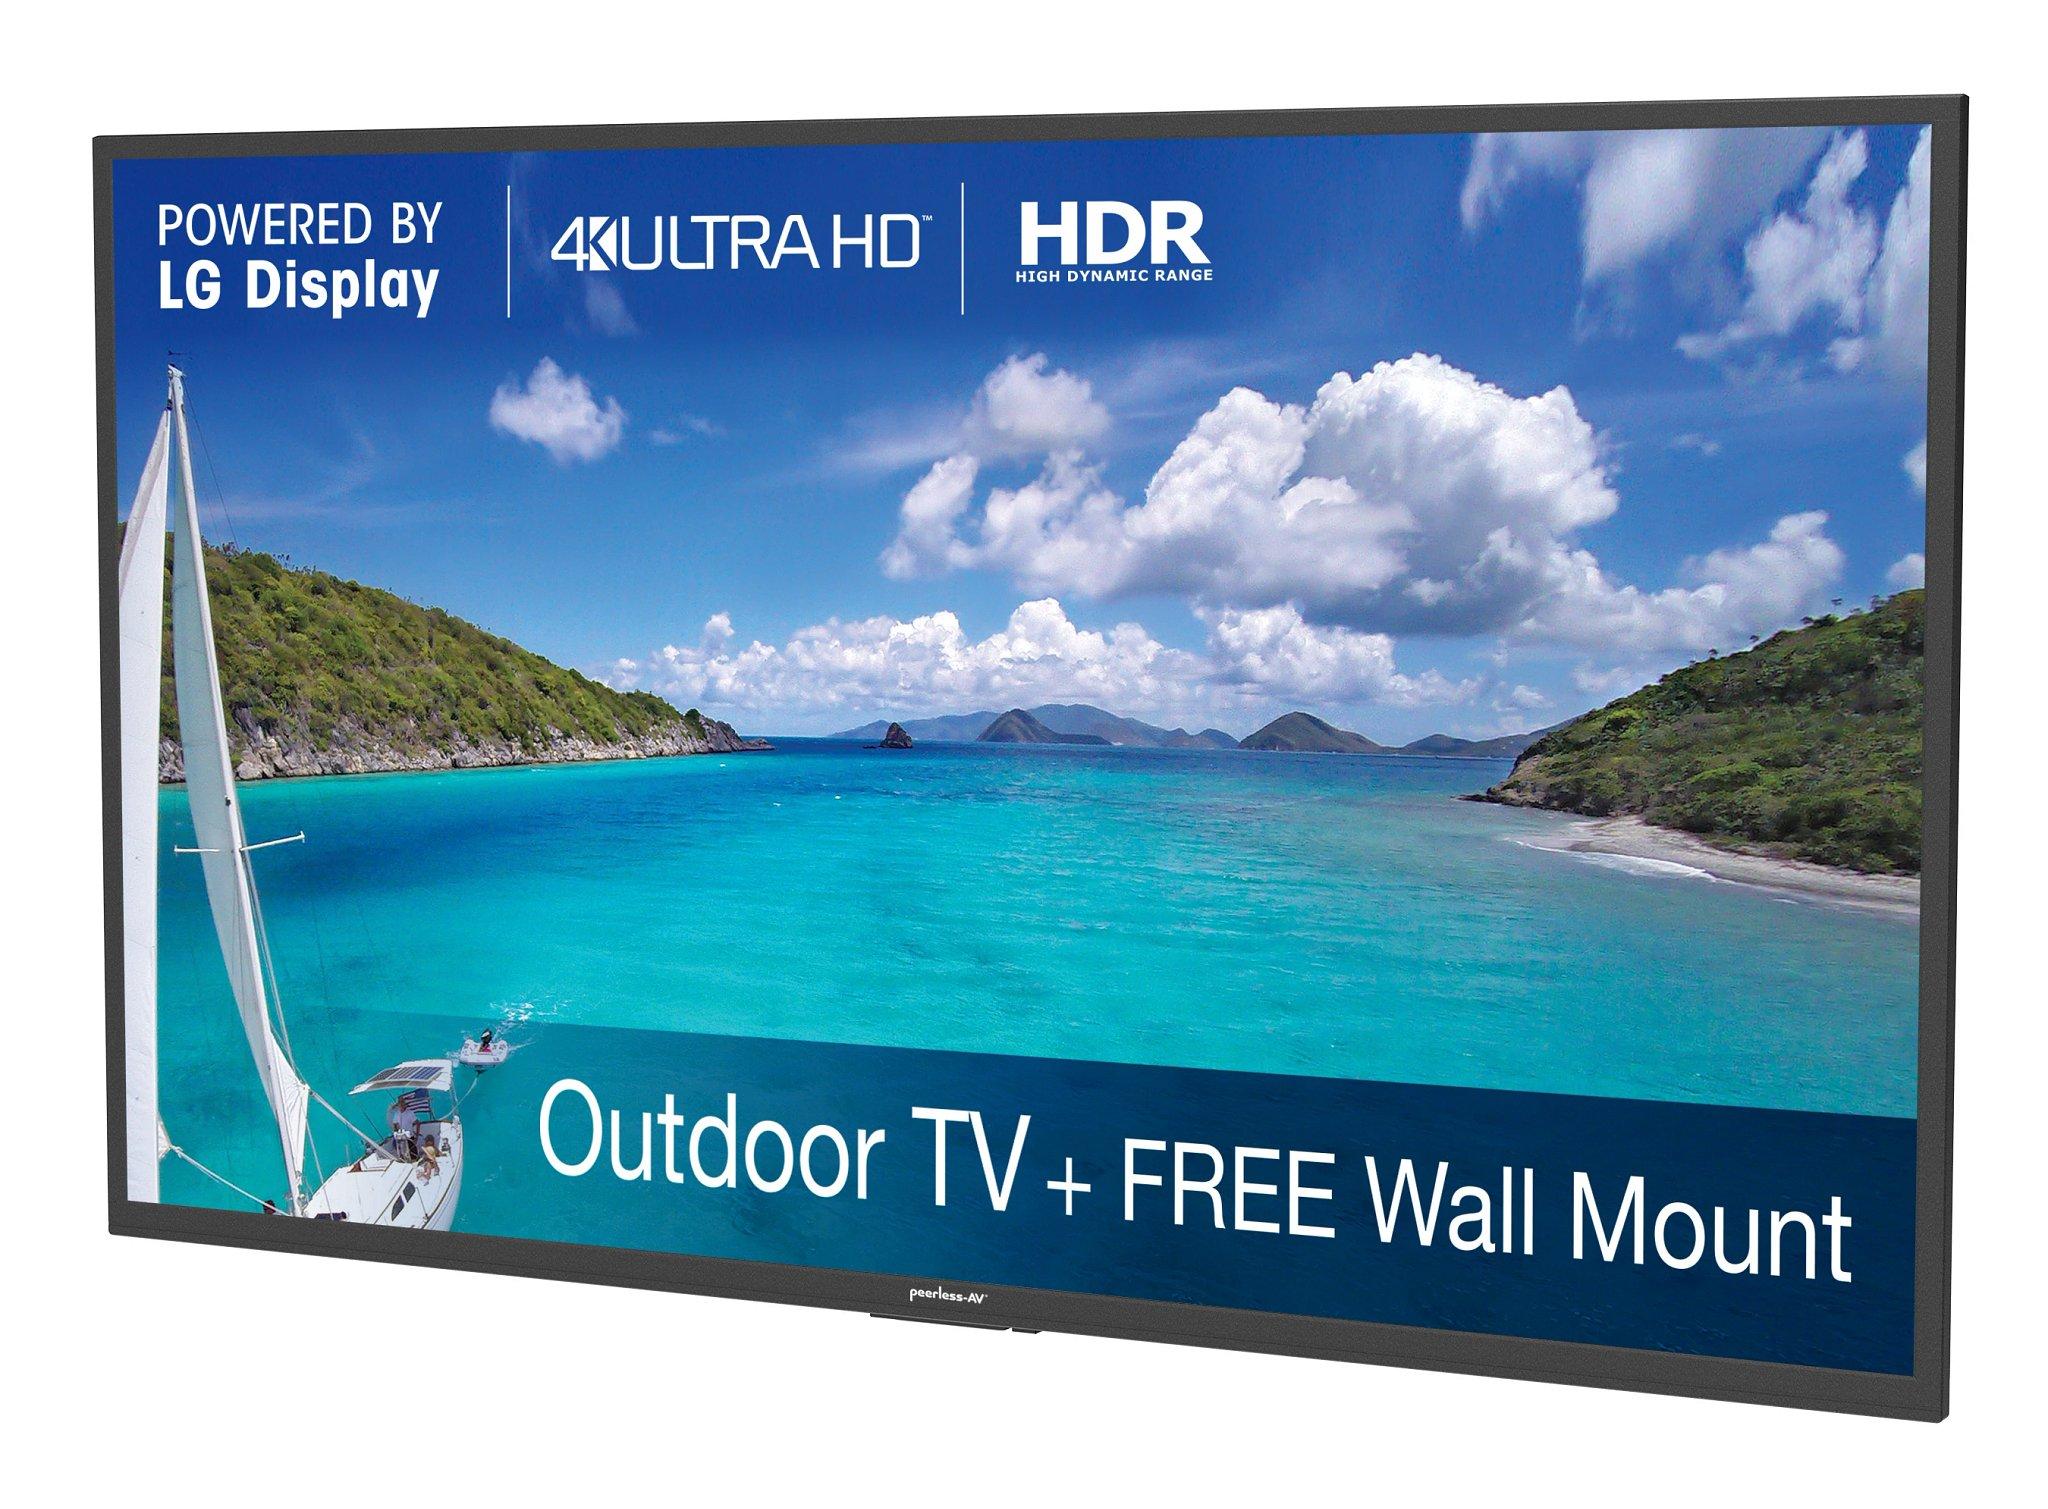 55 inch Neptune Shade Series Outdoor TV + FREE Mount_Hero_Main Image-2